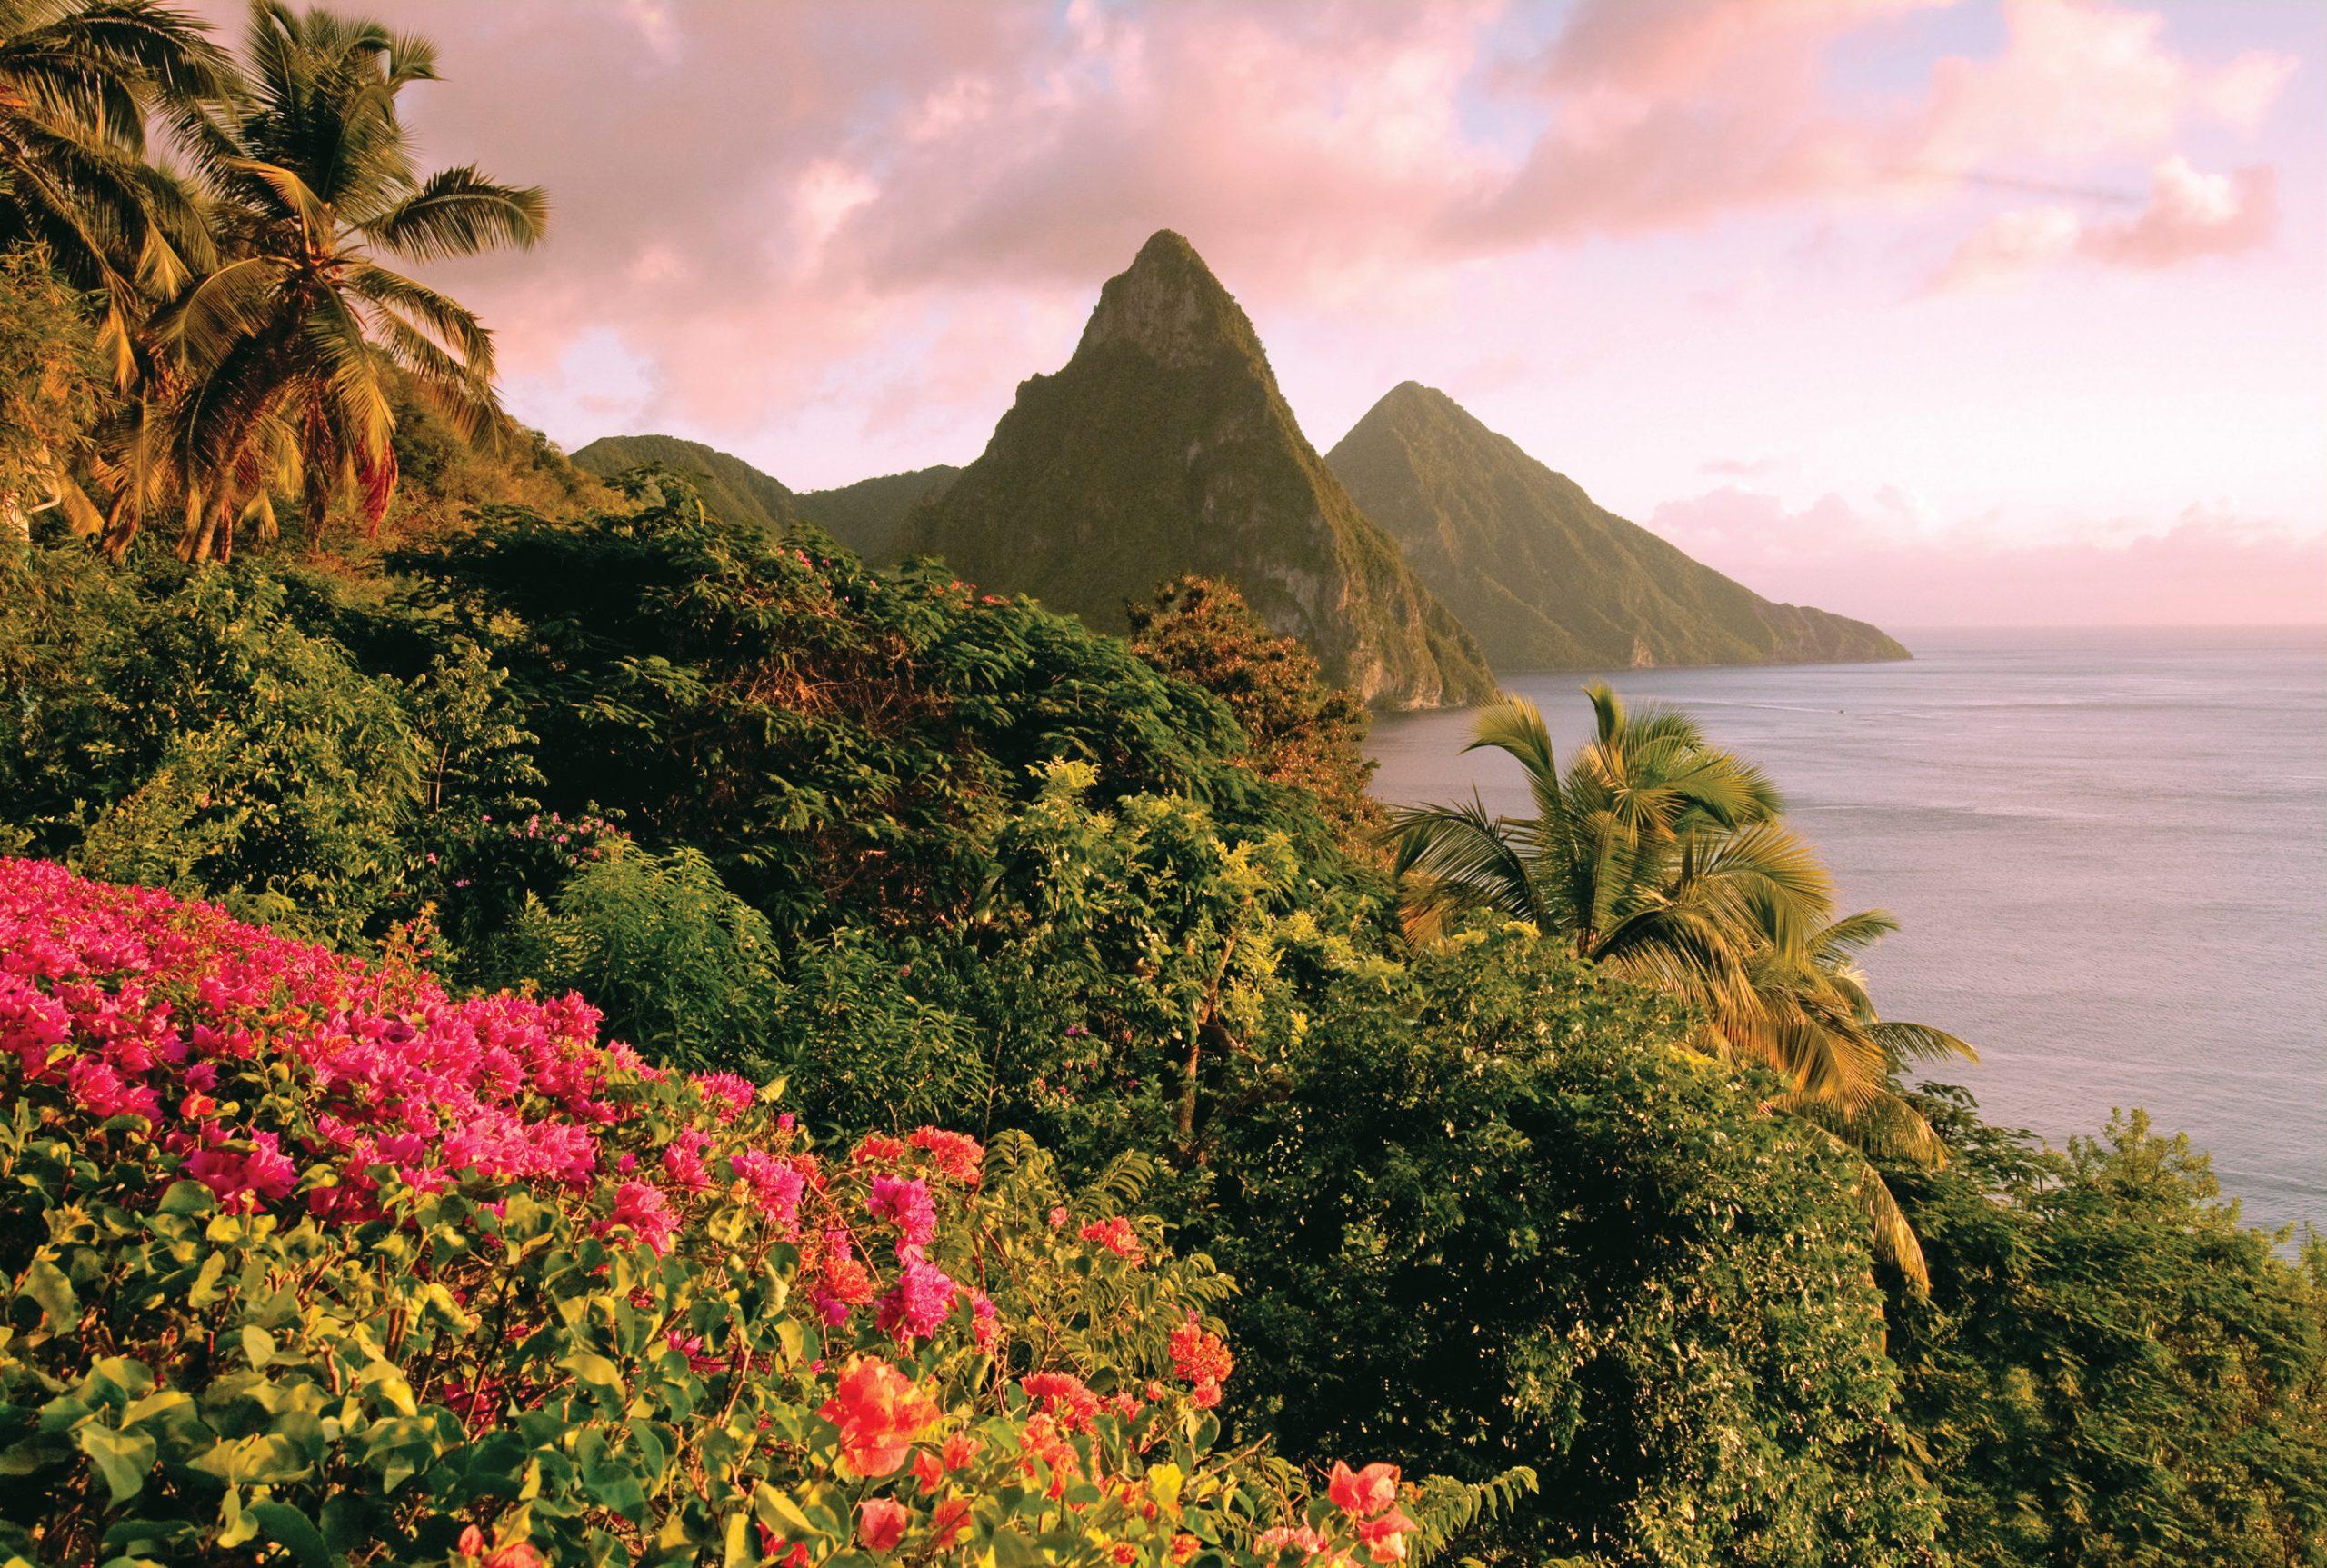 Rosa himmel över Hawaii